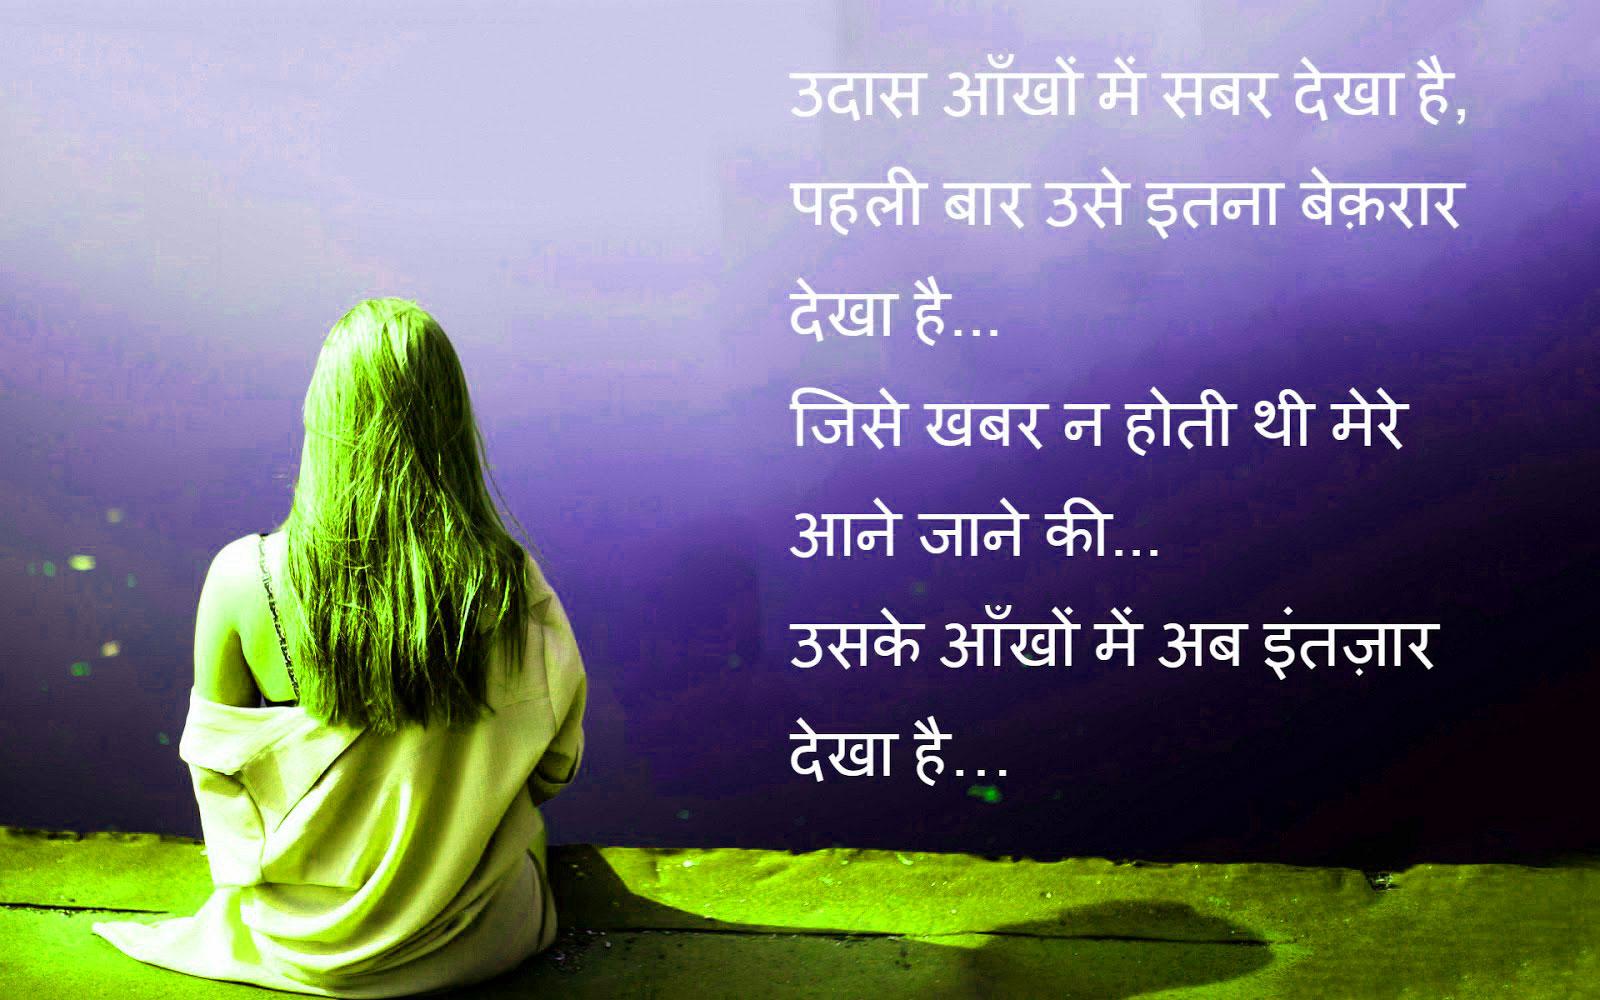 Best Hindi Love Shayari Quotes Whatsapp Status79